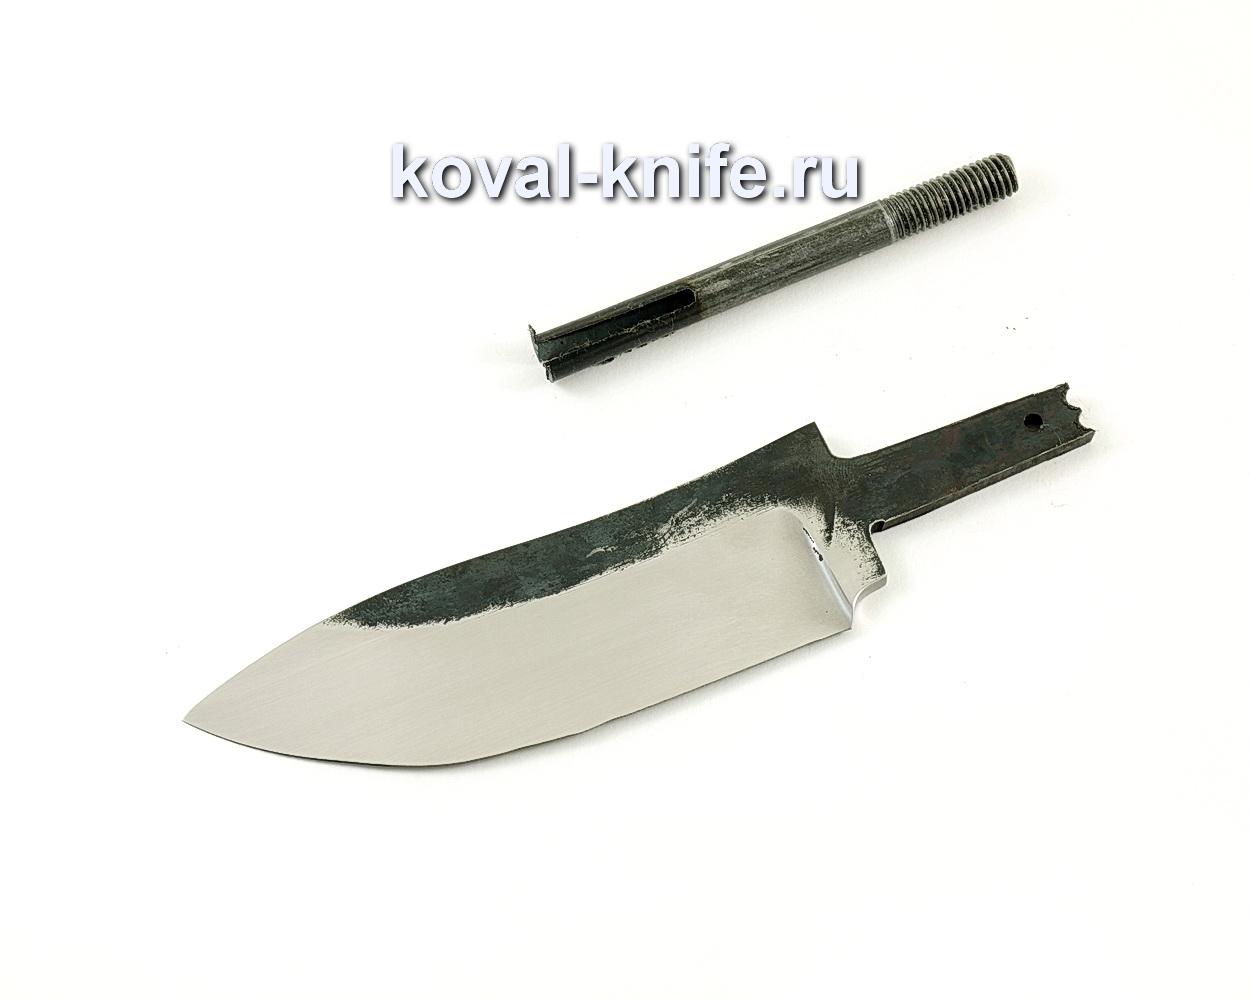 Клинок для ножа Кабан (кованая сталь 110Х18 МШД)